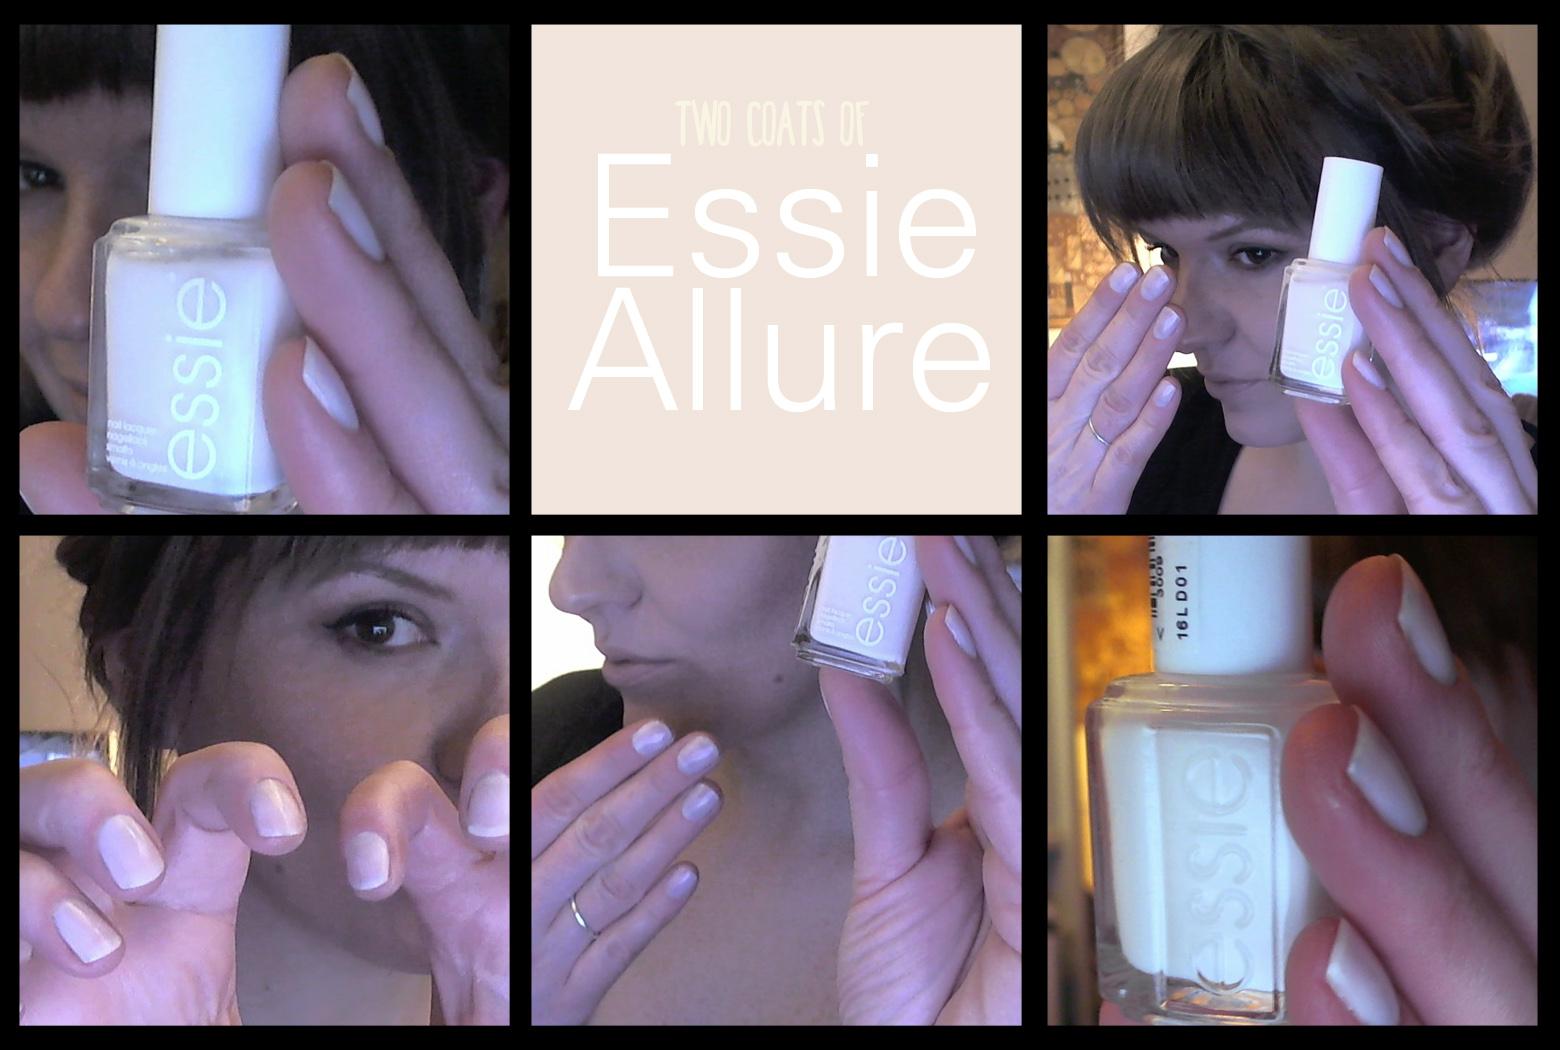 """Essie """"Allure"""" Nagellack Tragefoto"""